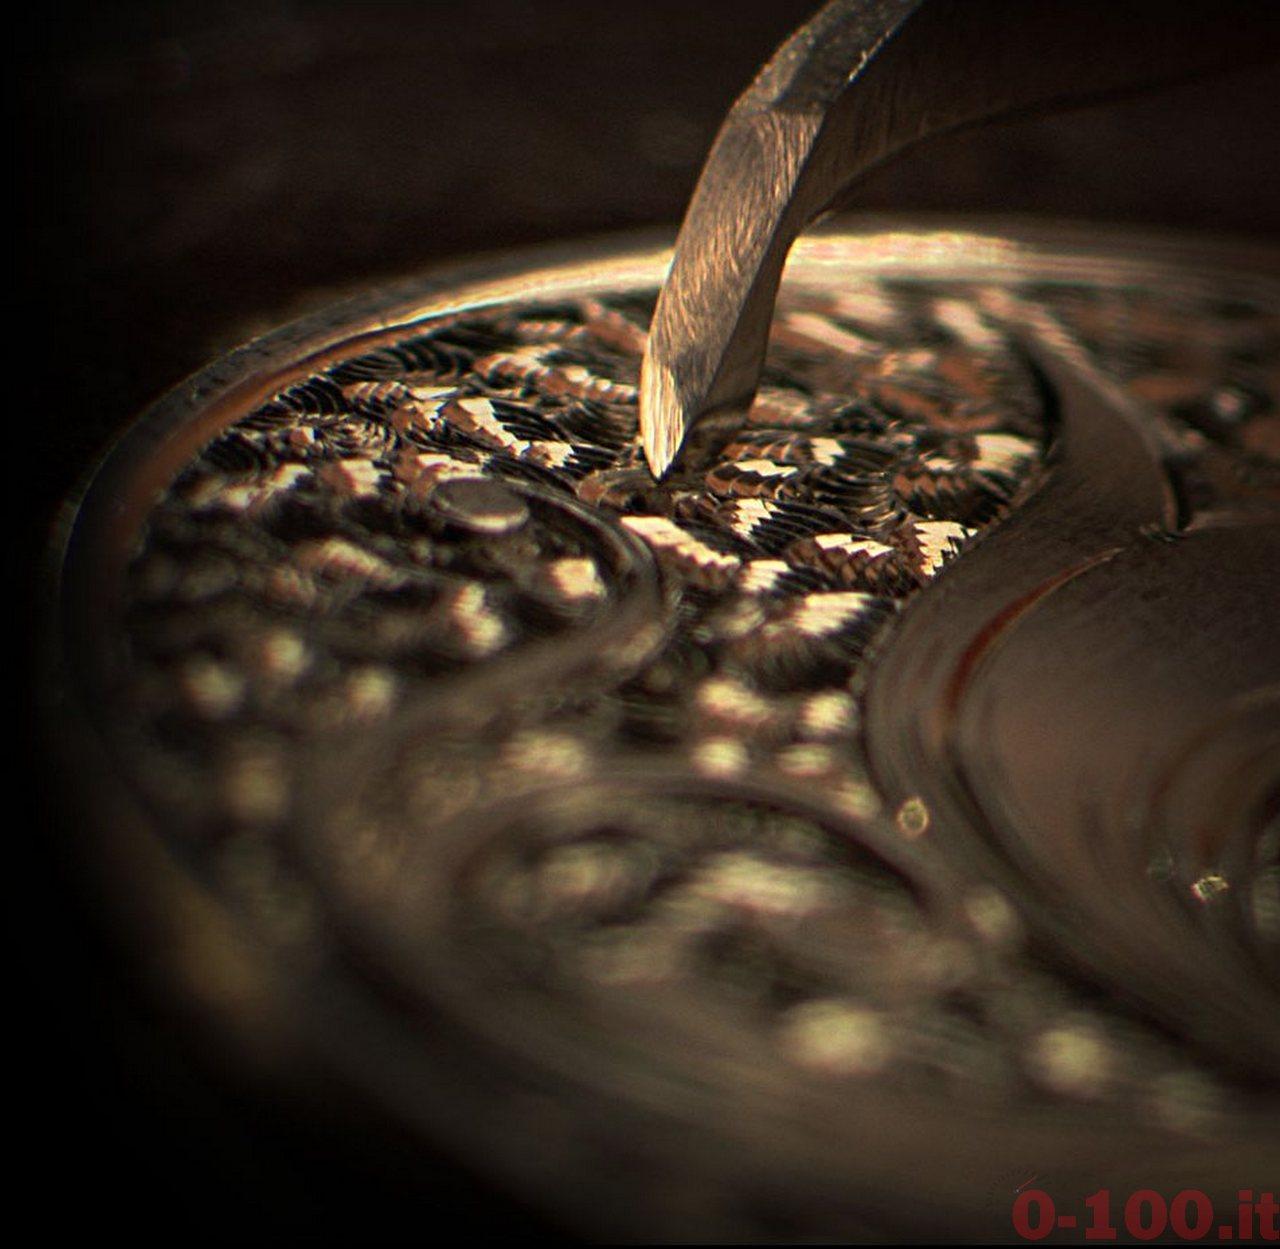 gli-speciali-di-0-100-vacheron-constantin-ginevra-dove-produrre-un-orologio-e-un-mestiere-darte_0-1006